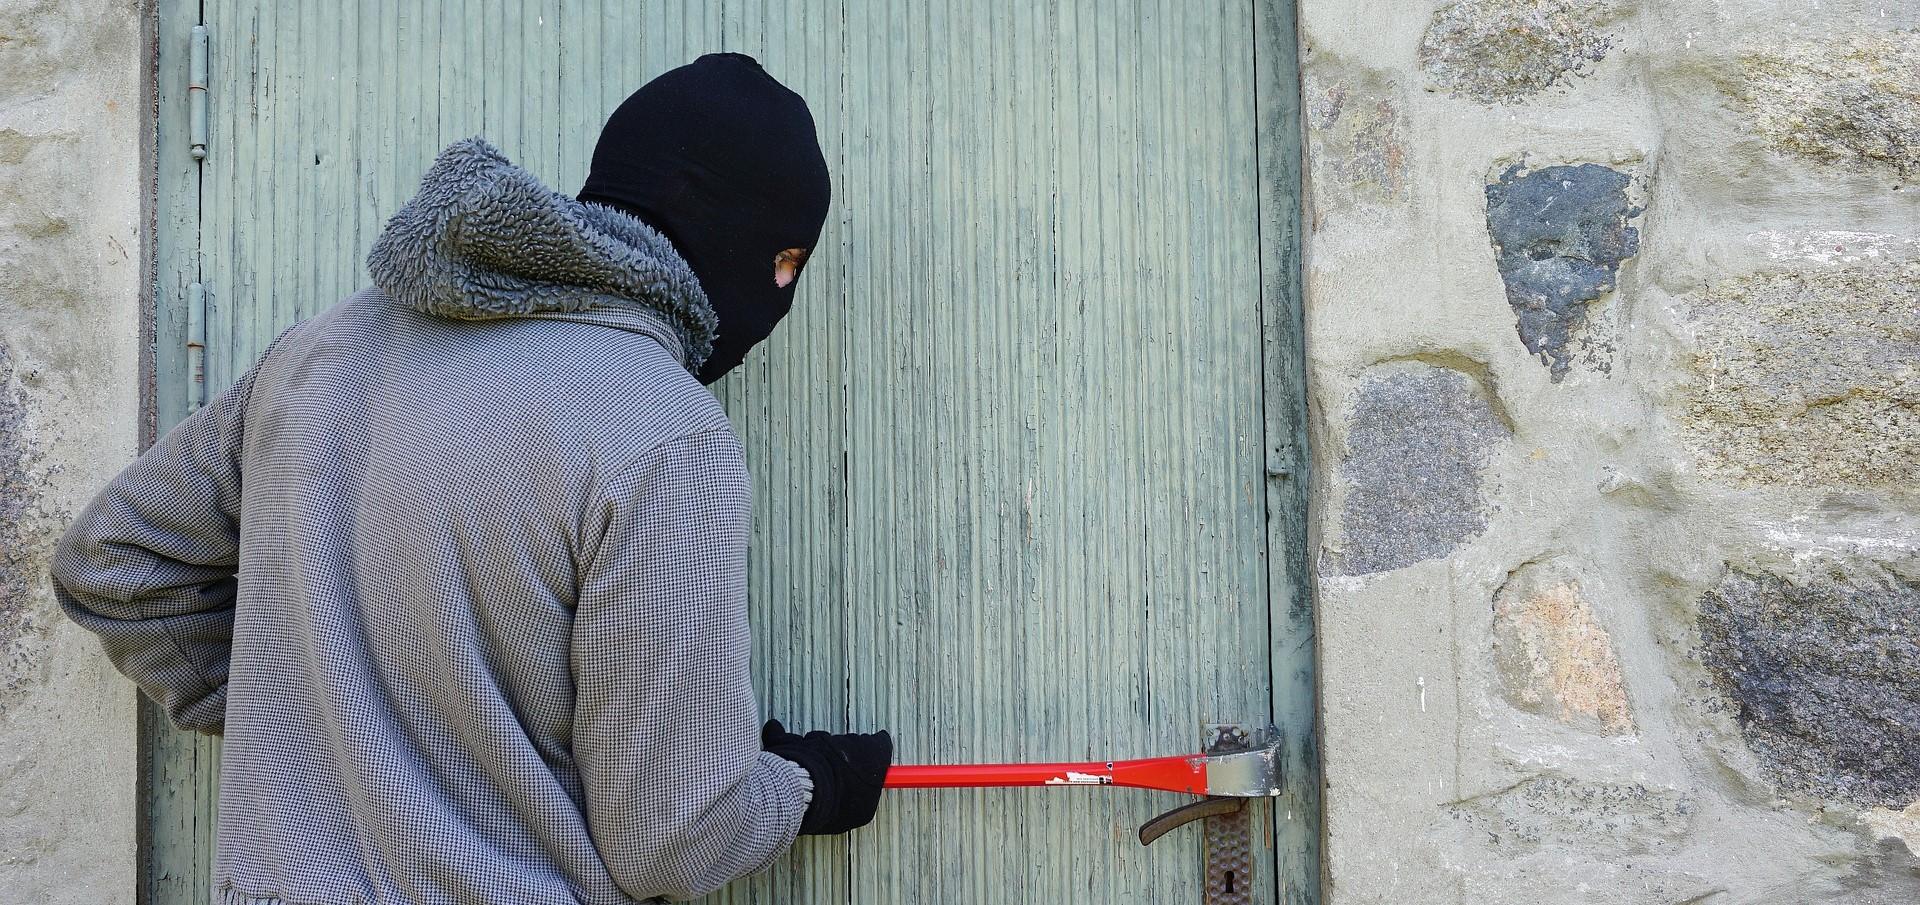 Los robos durante las vacaciones: cómo mantener la seguridad